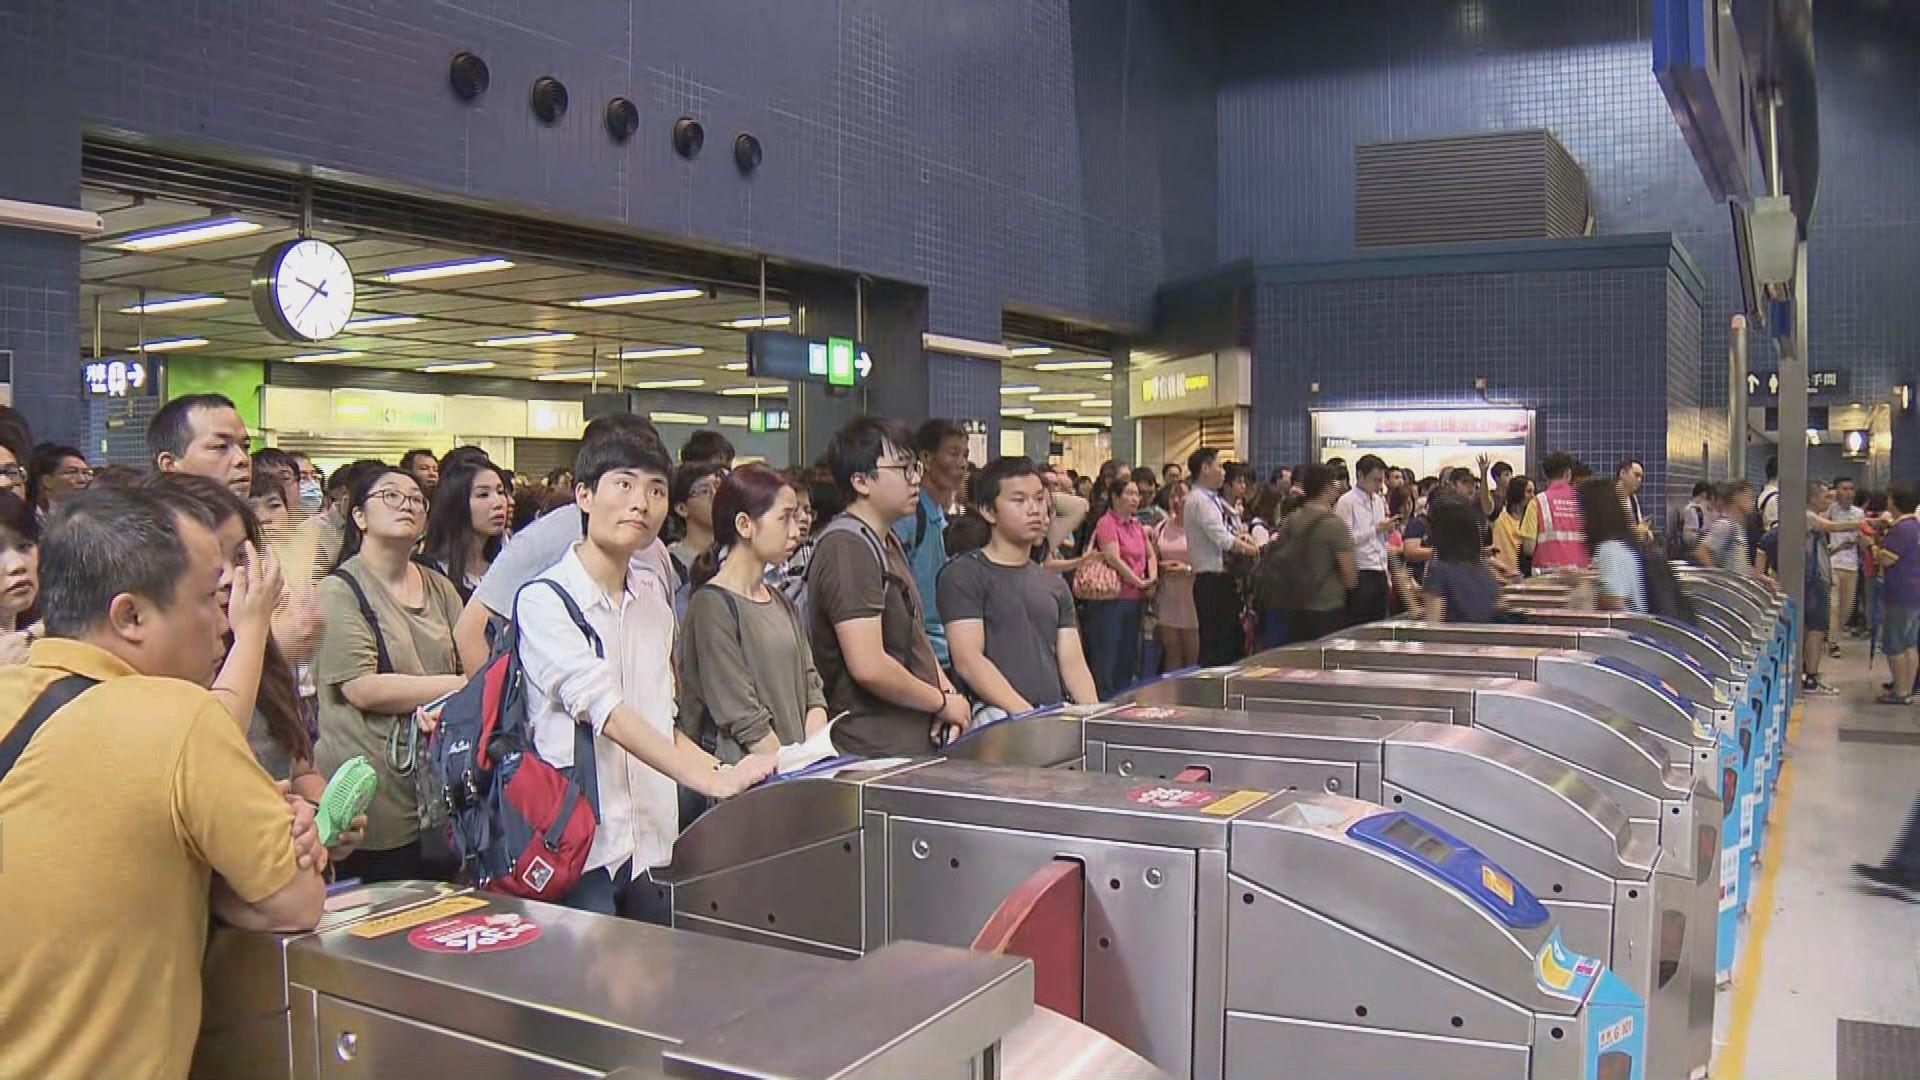 大圍站早上逼滿人 有乘客不滿列車班次疏落